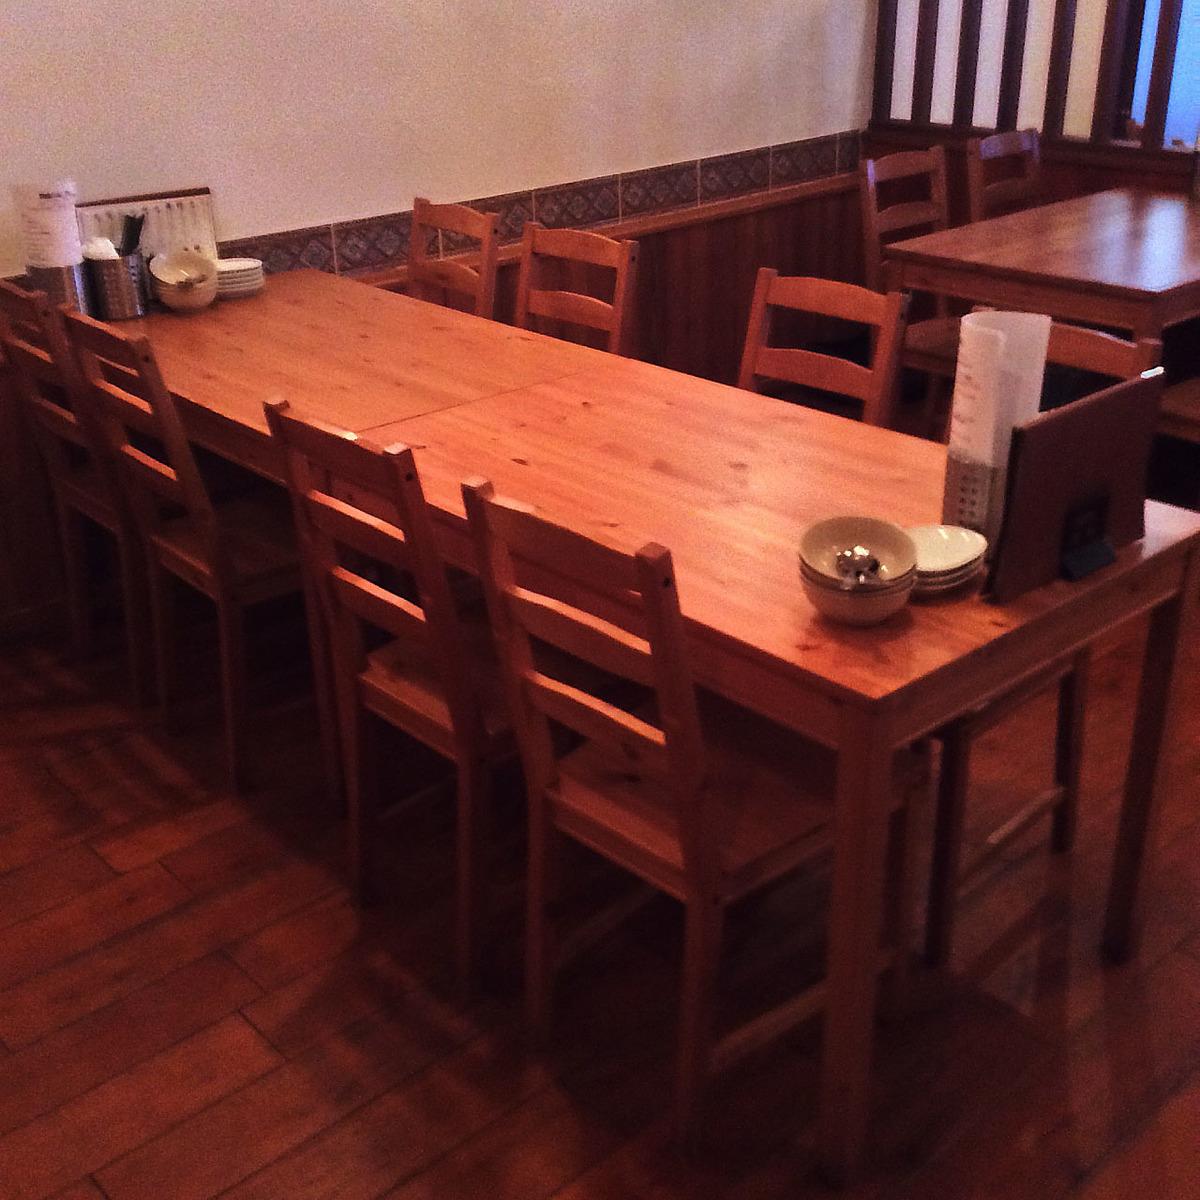 8 인용 테이블 석.인원수에 맞게 테이블은 함께 크기 조정 가능합니다.